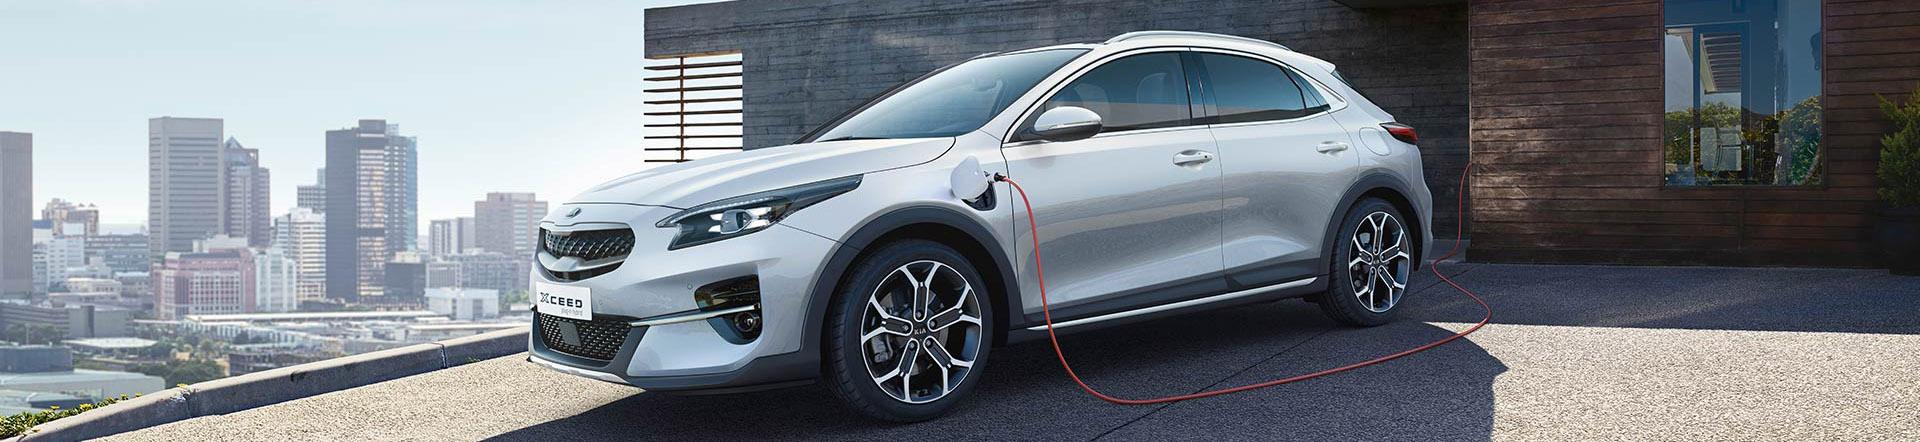 Kia XCeed Plug-in Hybrid bei Auto Stahl Seitenansicht Header